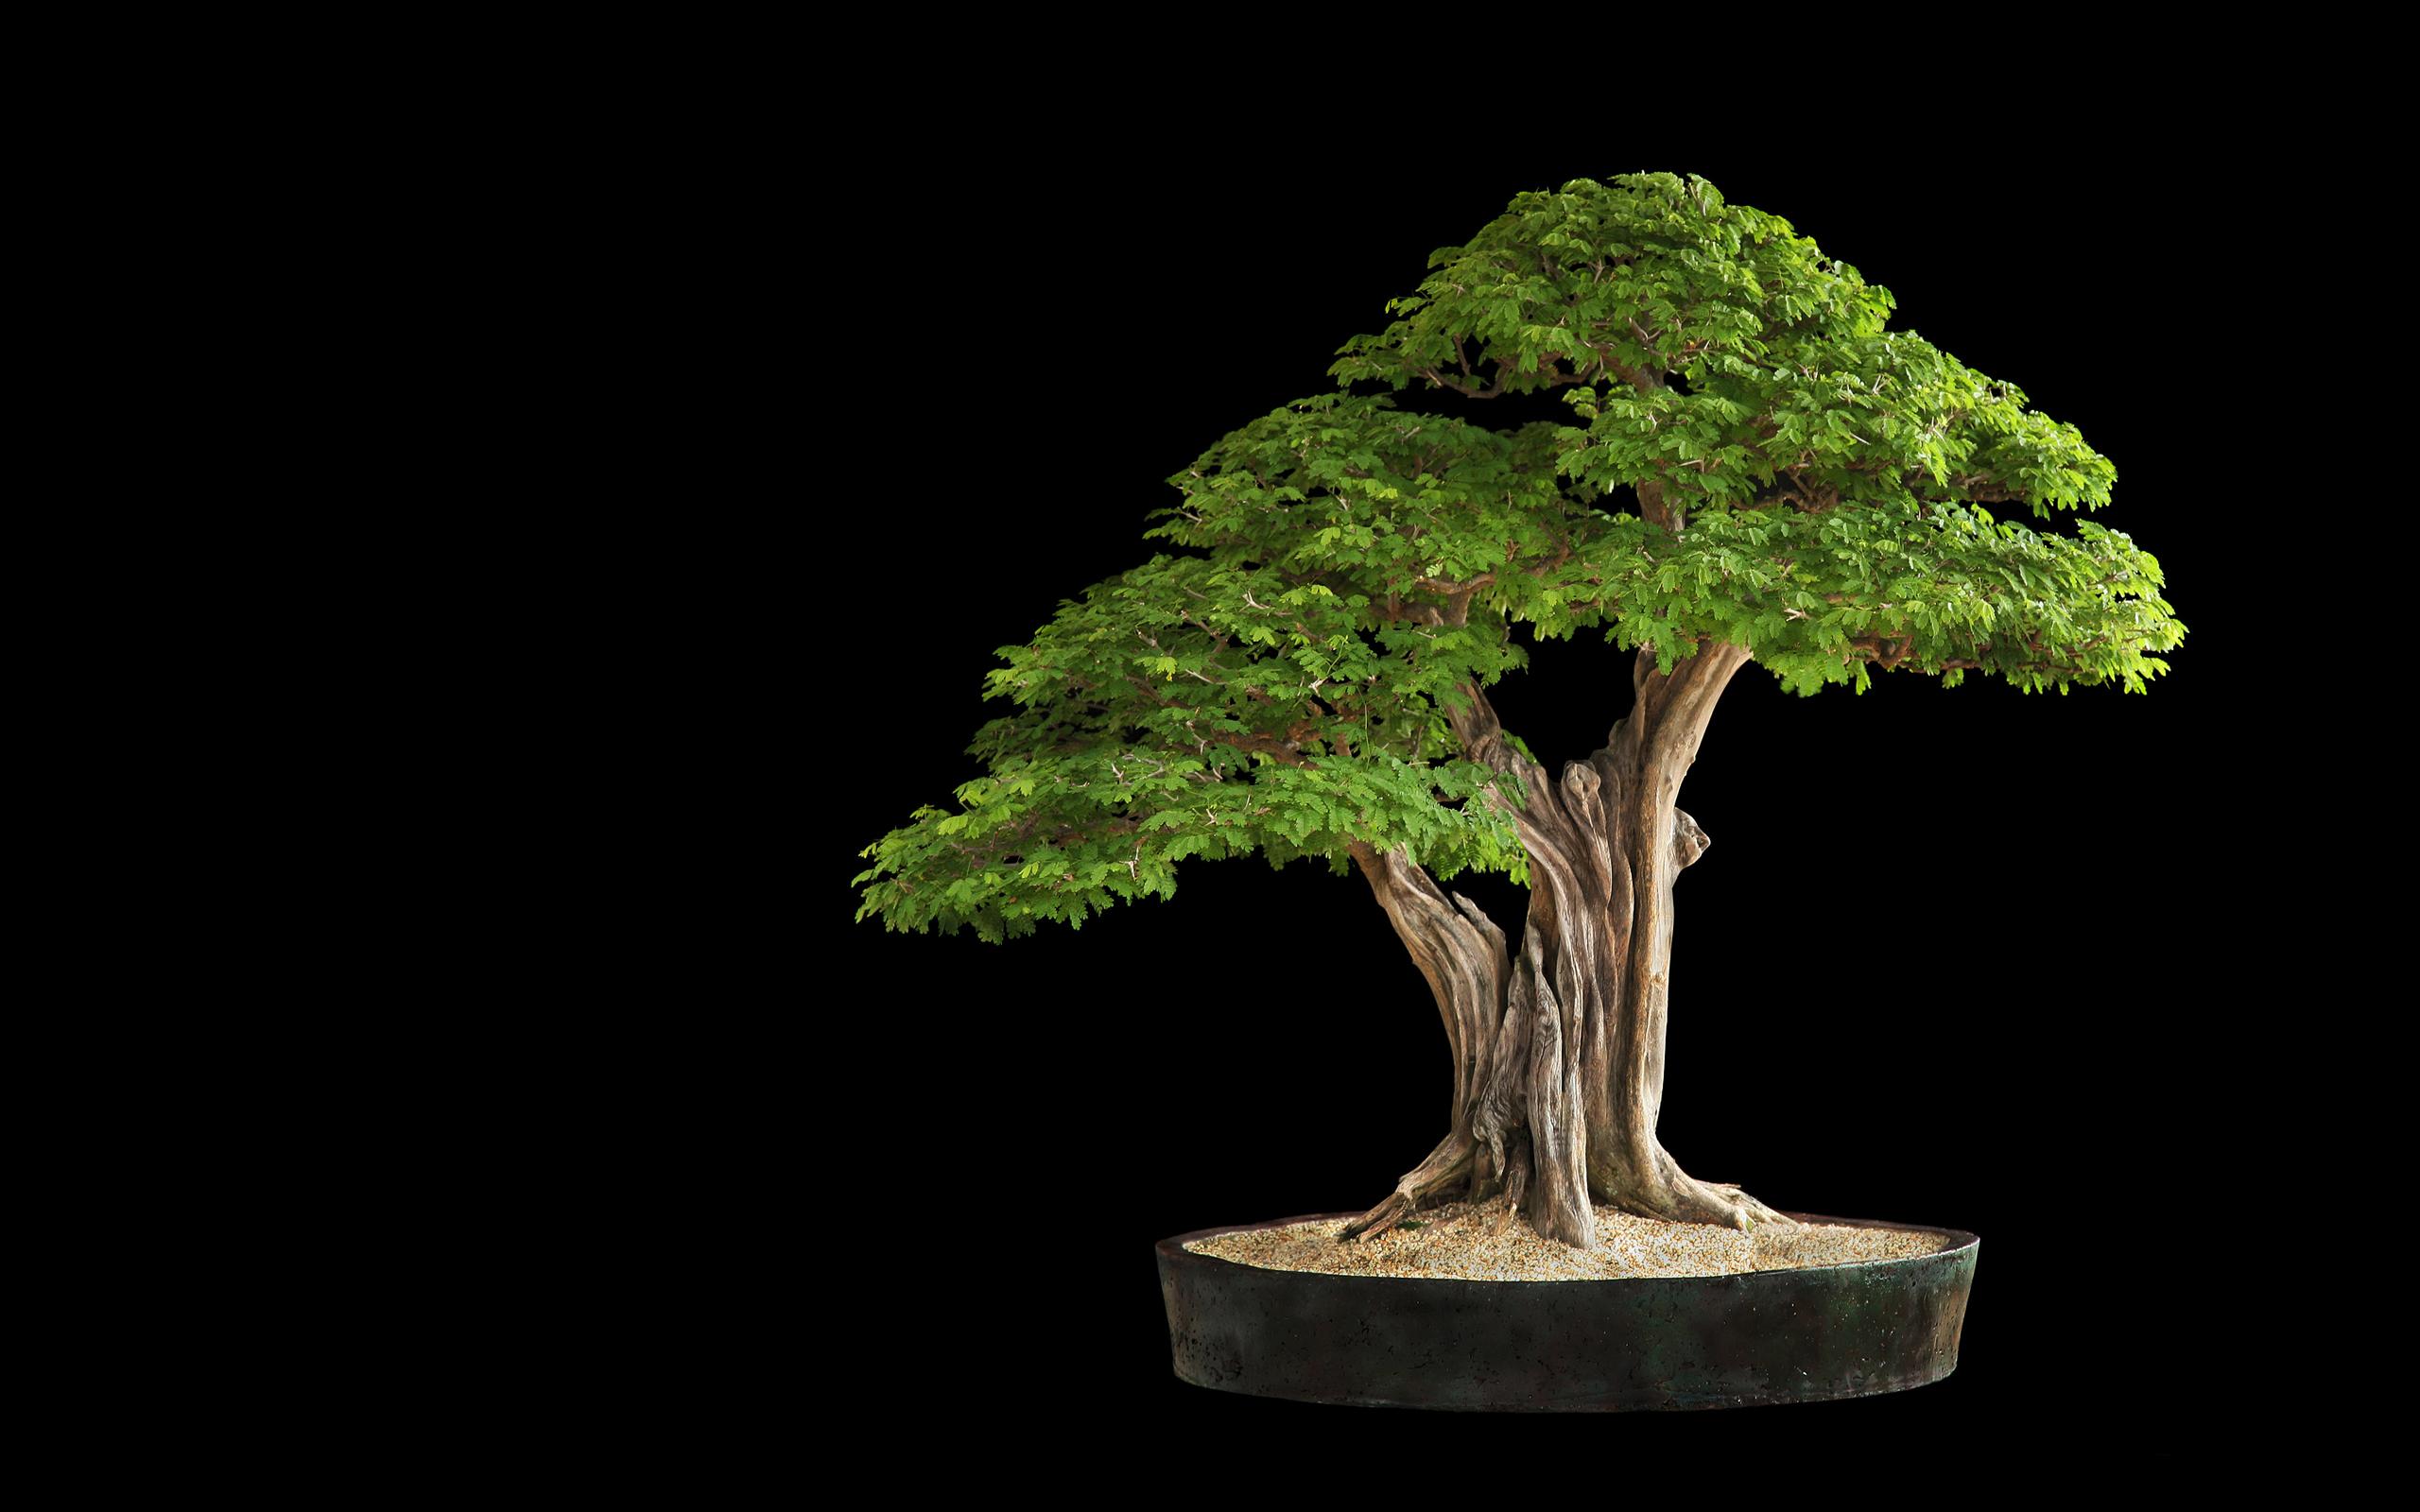 bonsai wallpaper 03 ndash - photo #3